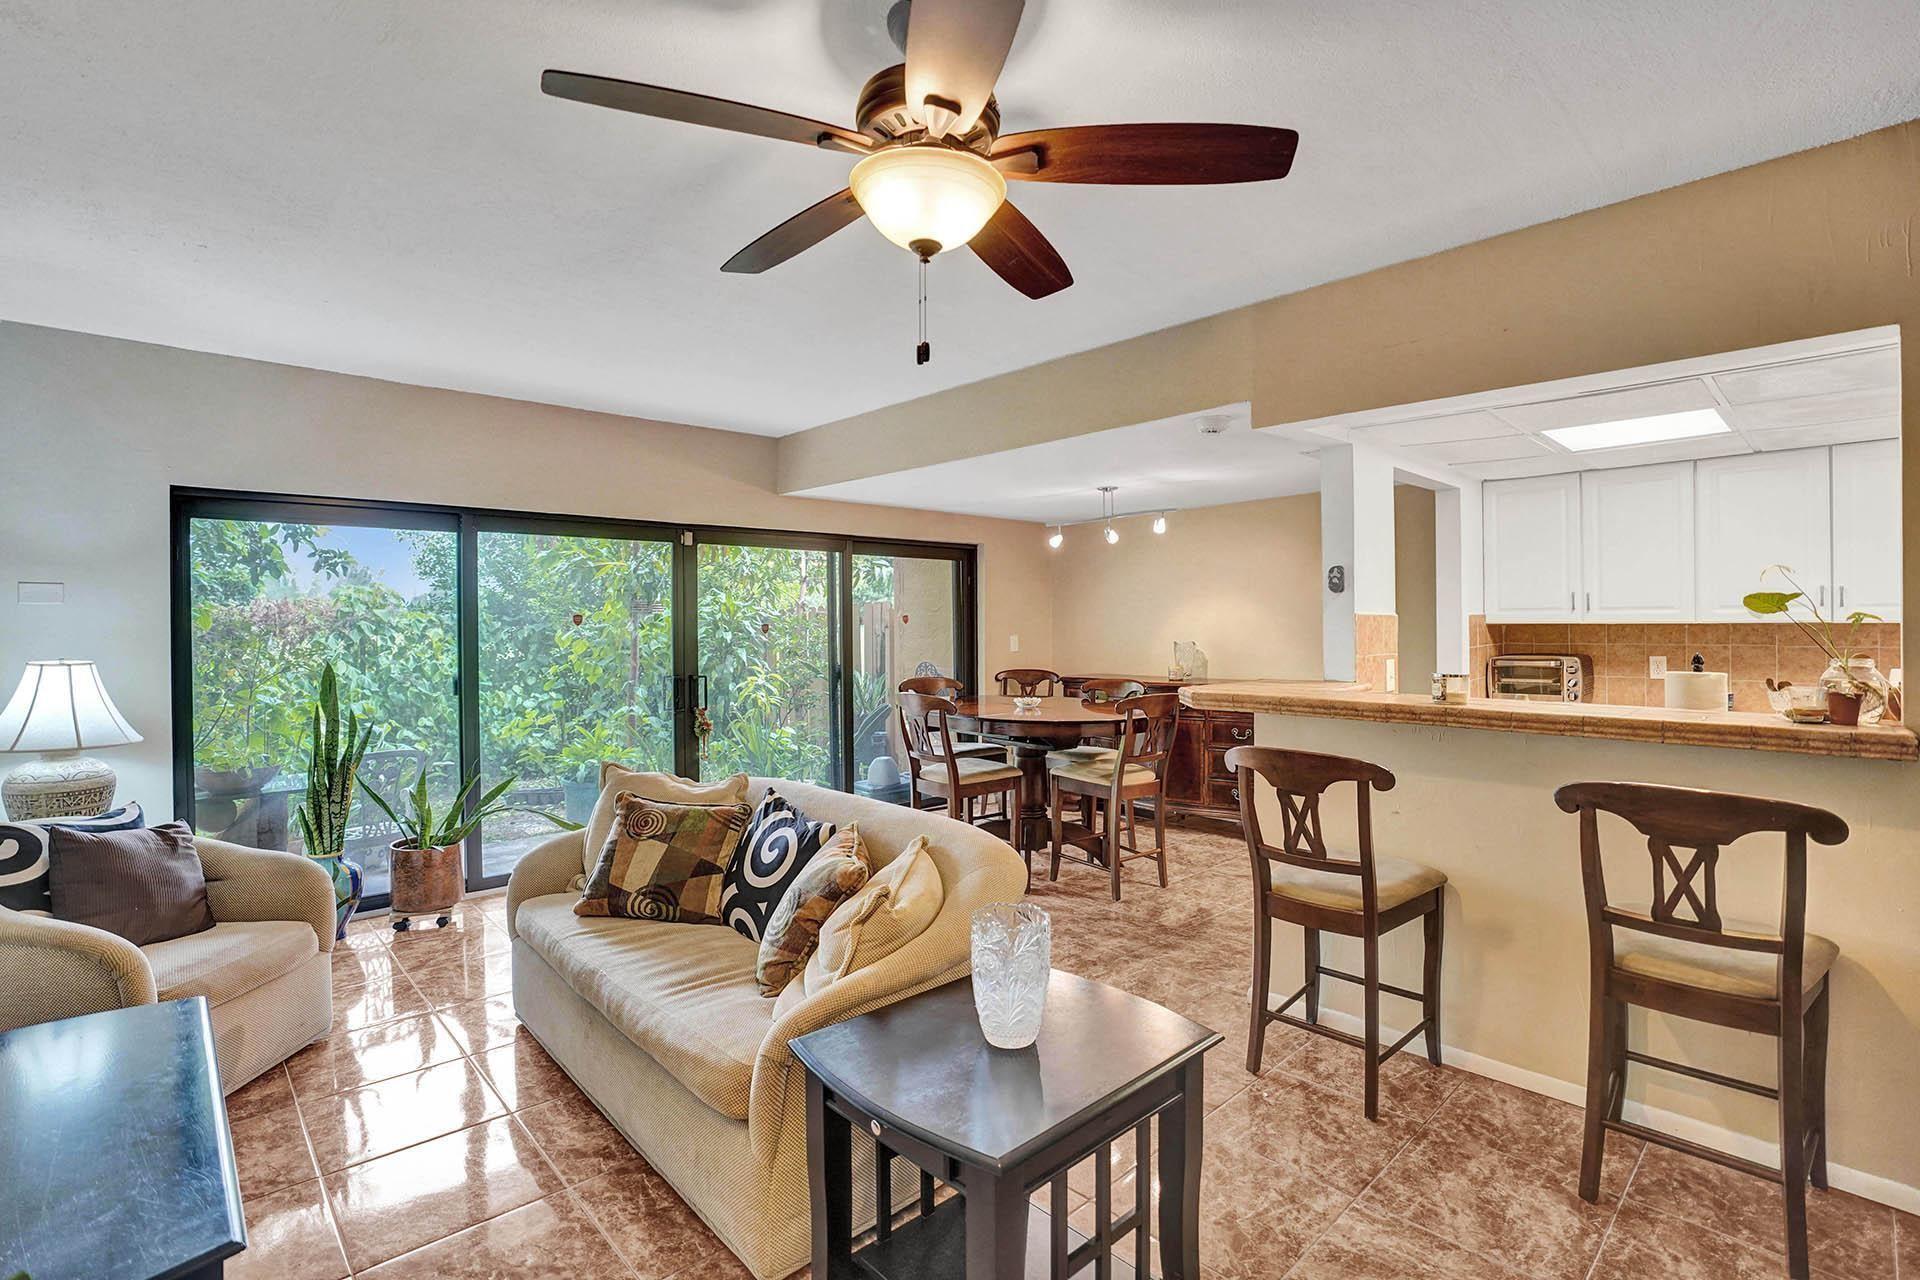 2738 NW 80th Avenue, Sunrise, FL 33322 - MLS#: RX-10741420